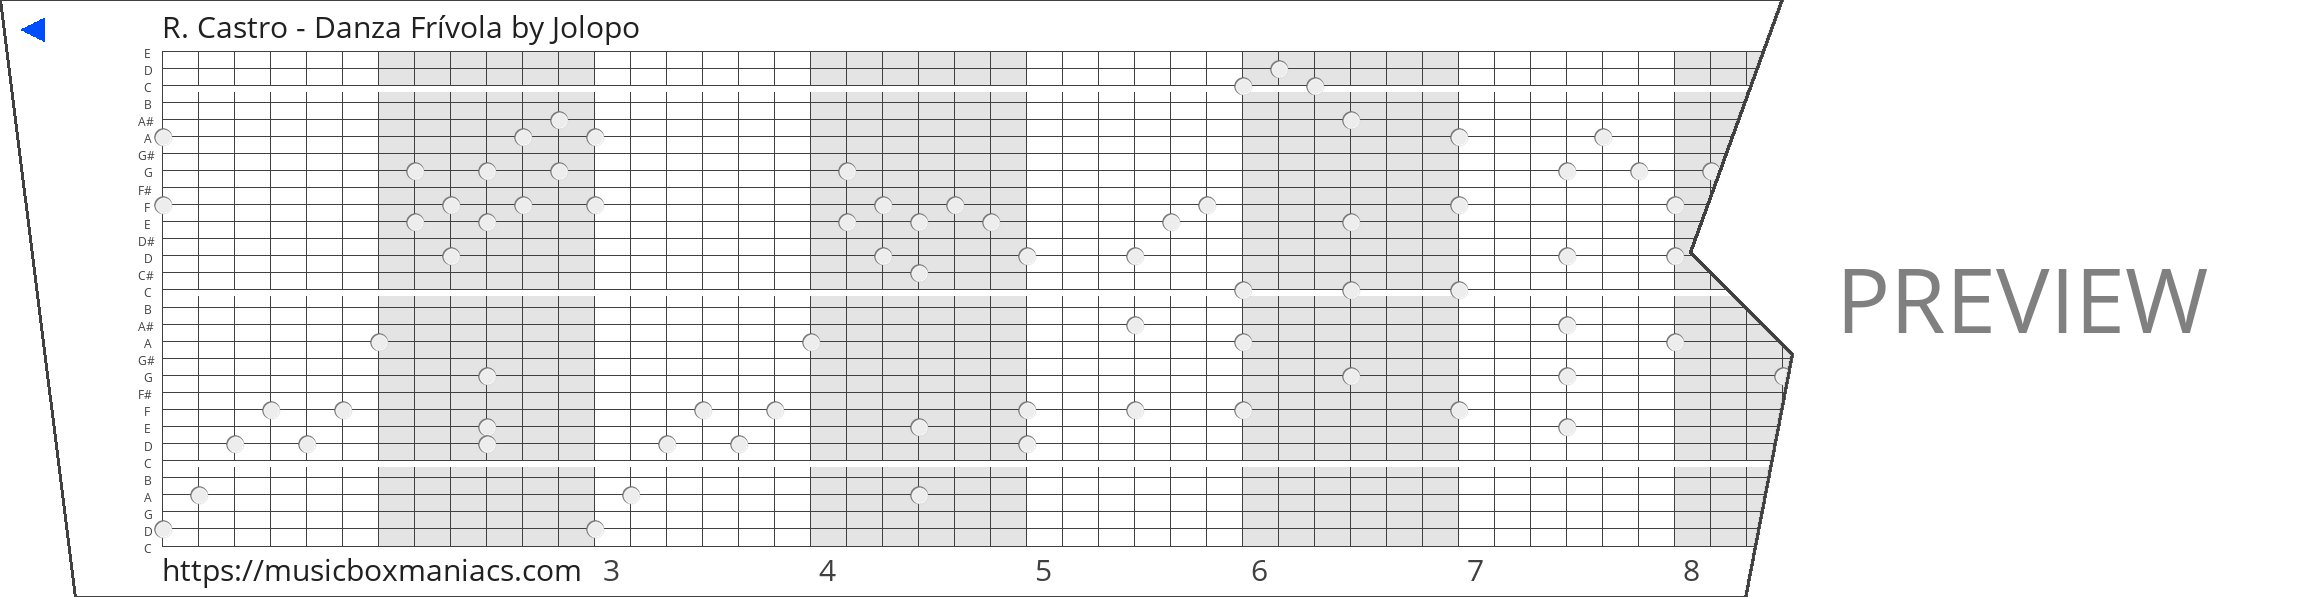 R. Castro - Danza Frívola 30 note music box paper strip